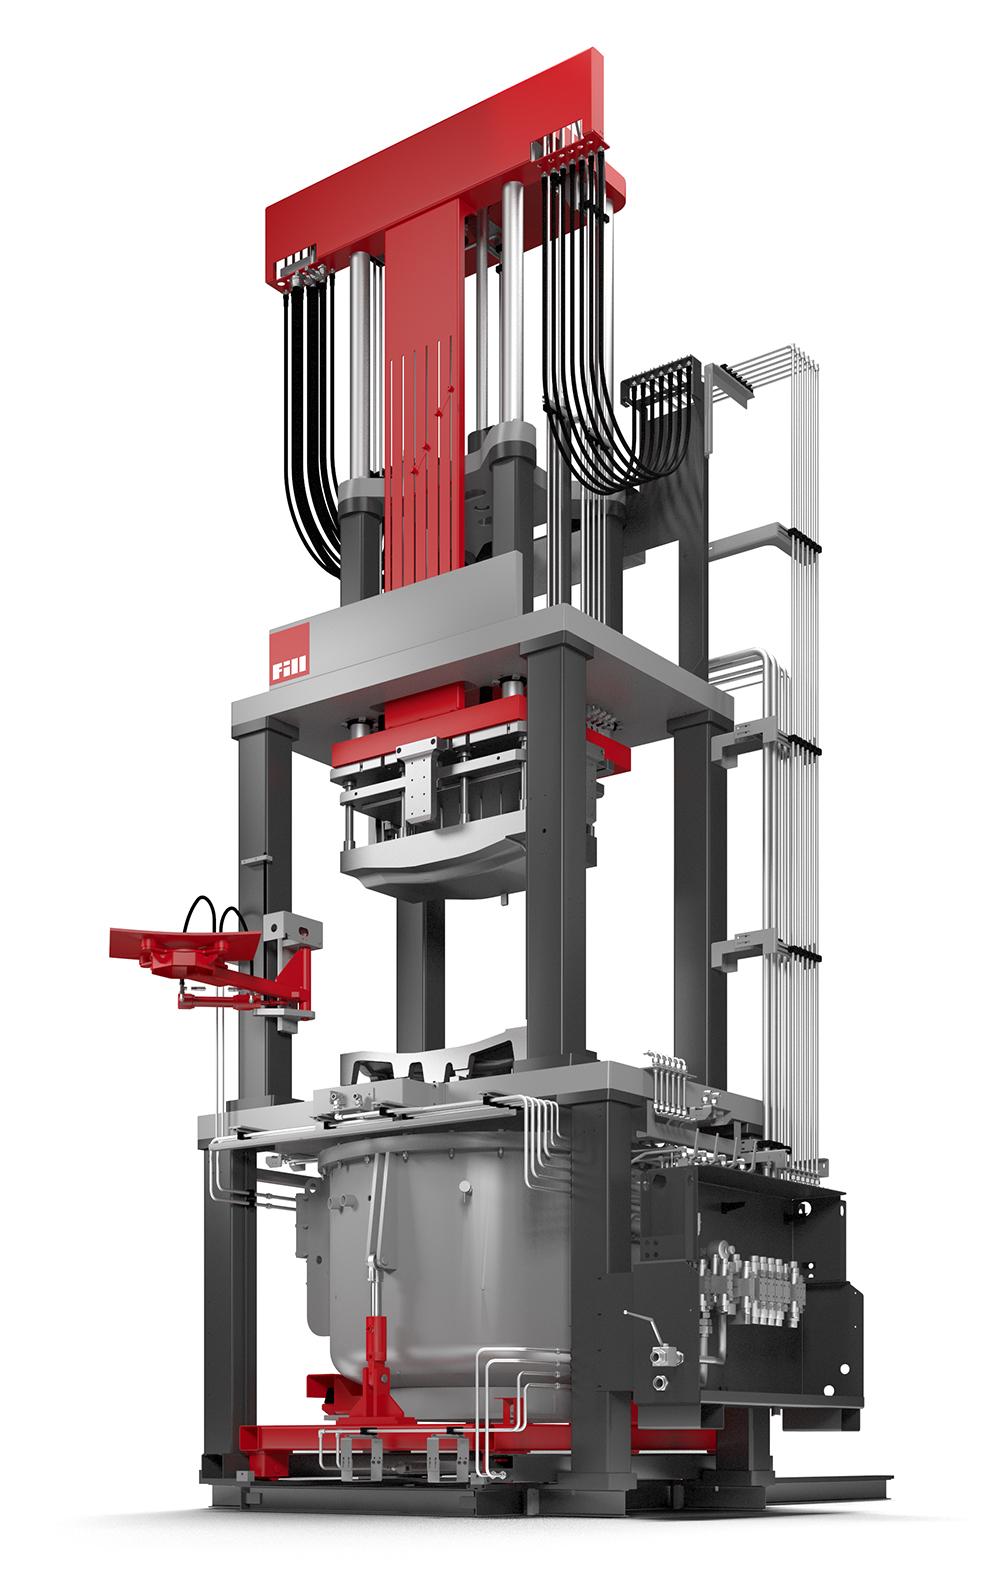 Low pressure caster von Fill GmbH, Niederdruckgießmaschine